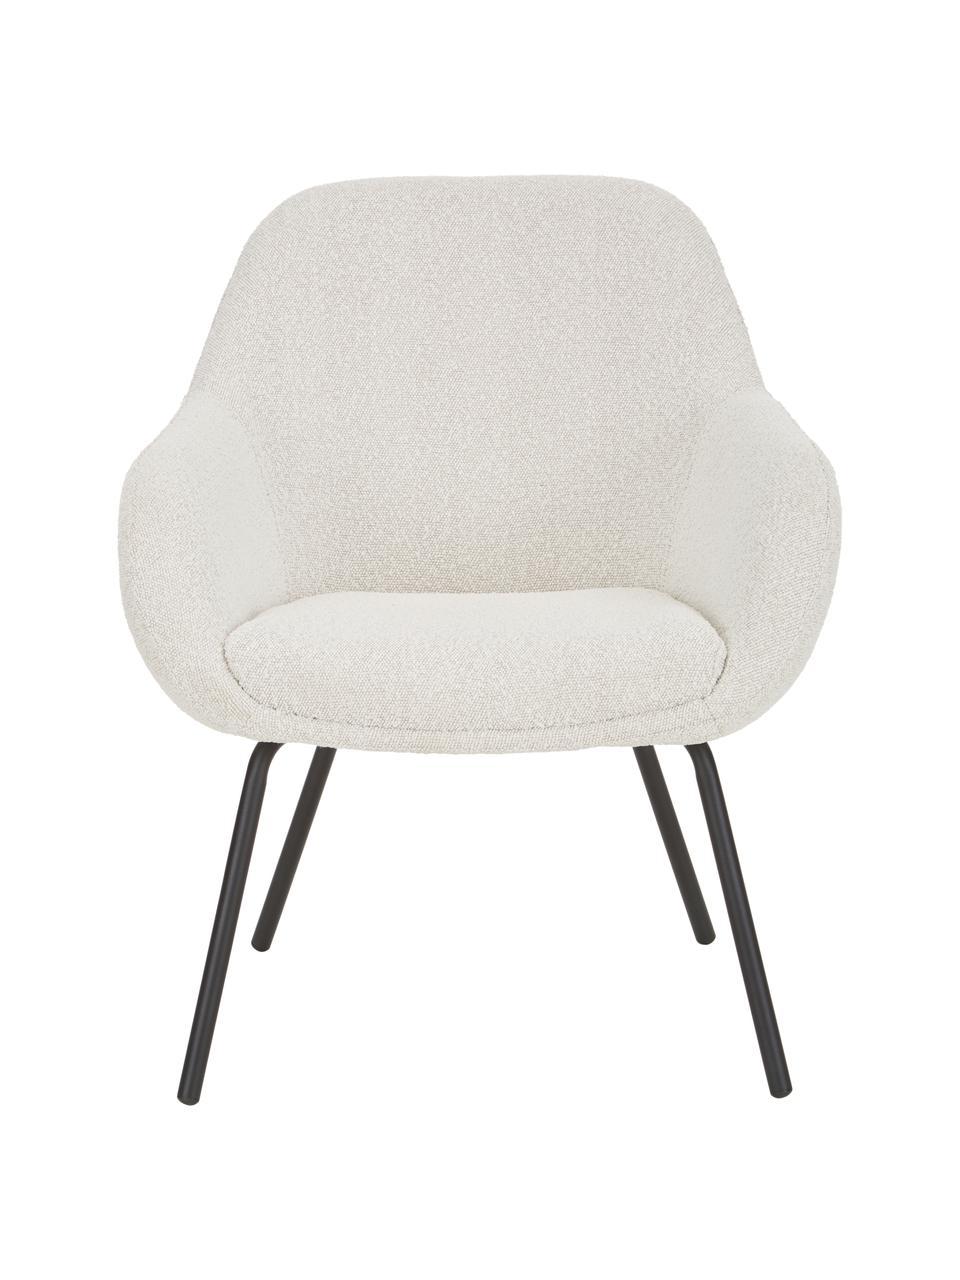 Fauteuil Jana in crèmewit, Bekleding: polyester (gestructureerd, Poten: gepoedercoat metaal, Teddy crèmewit, B 72 x D 68 cm